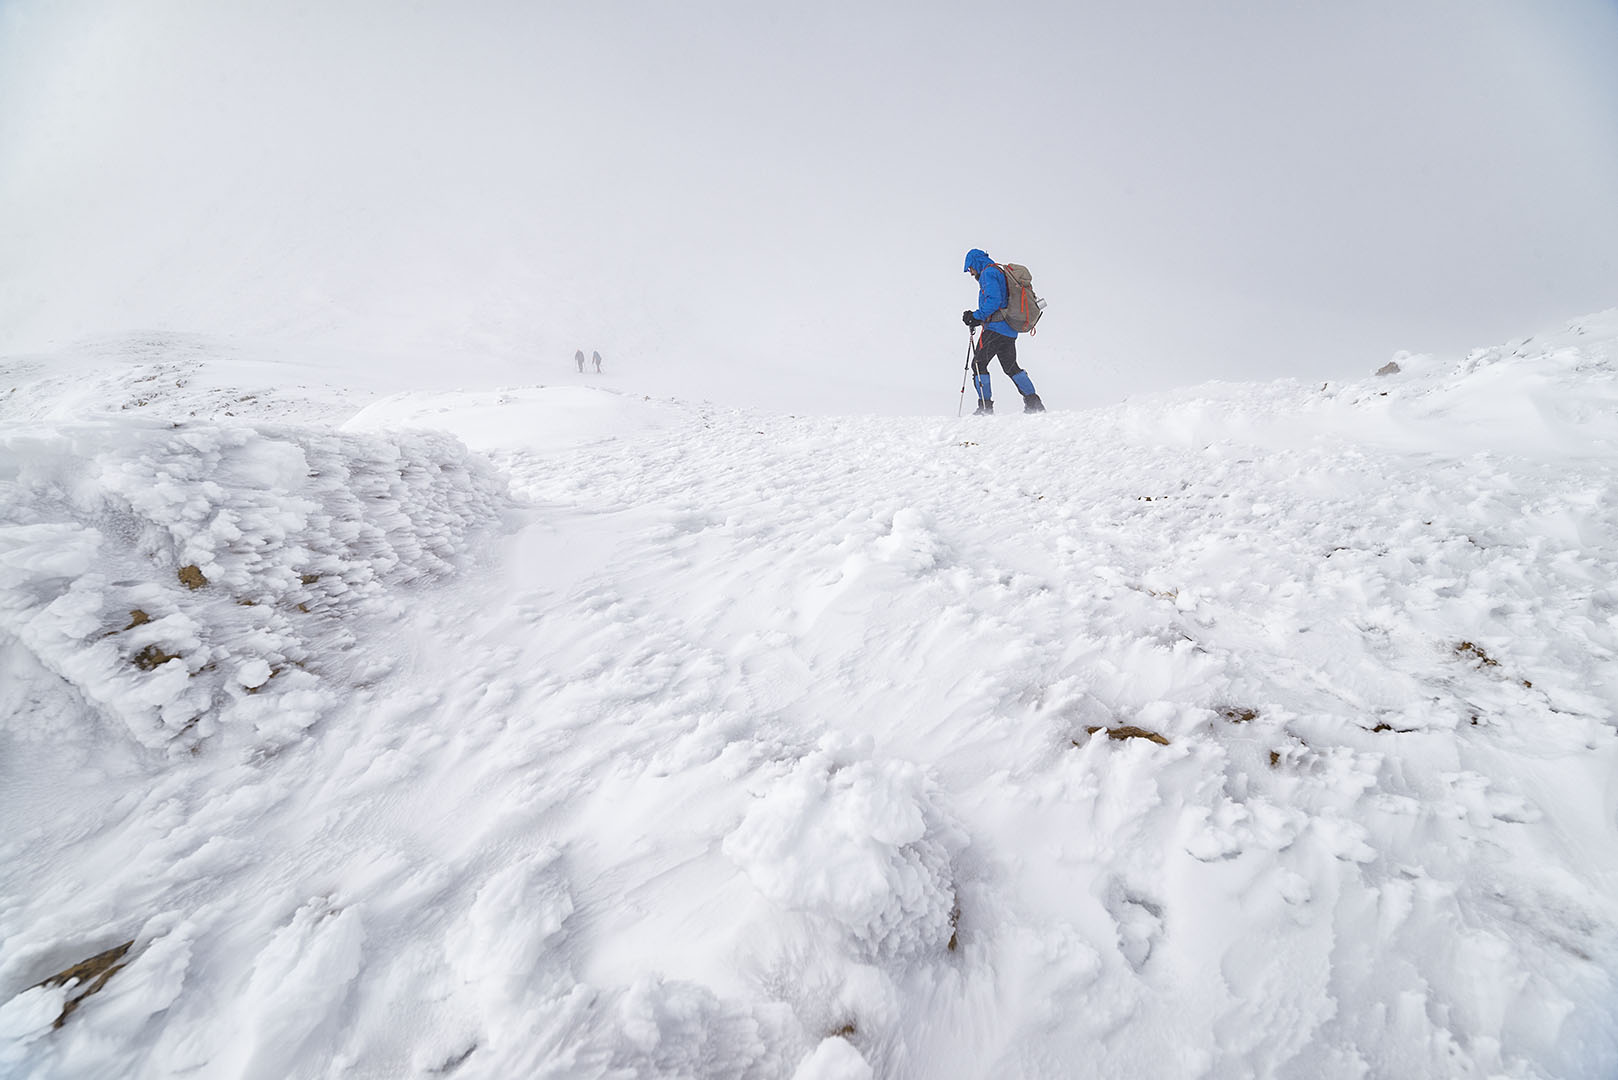 Cuando hubo invierno. Tendeñera. - Deportes y aventuras - Inaki Larrea, Nature and mountains Photography